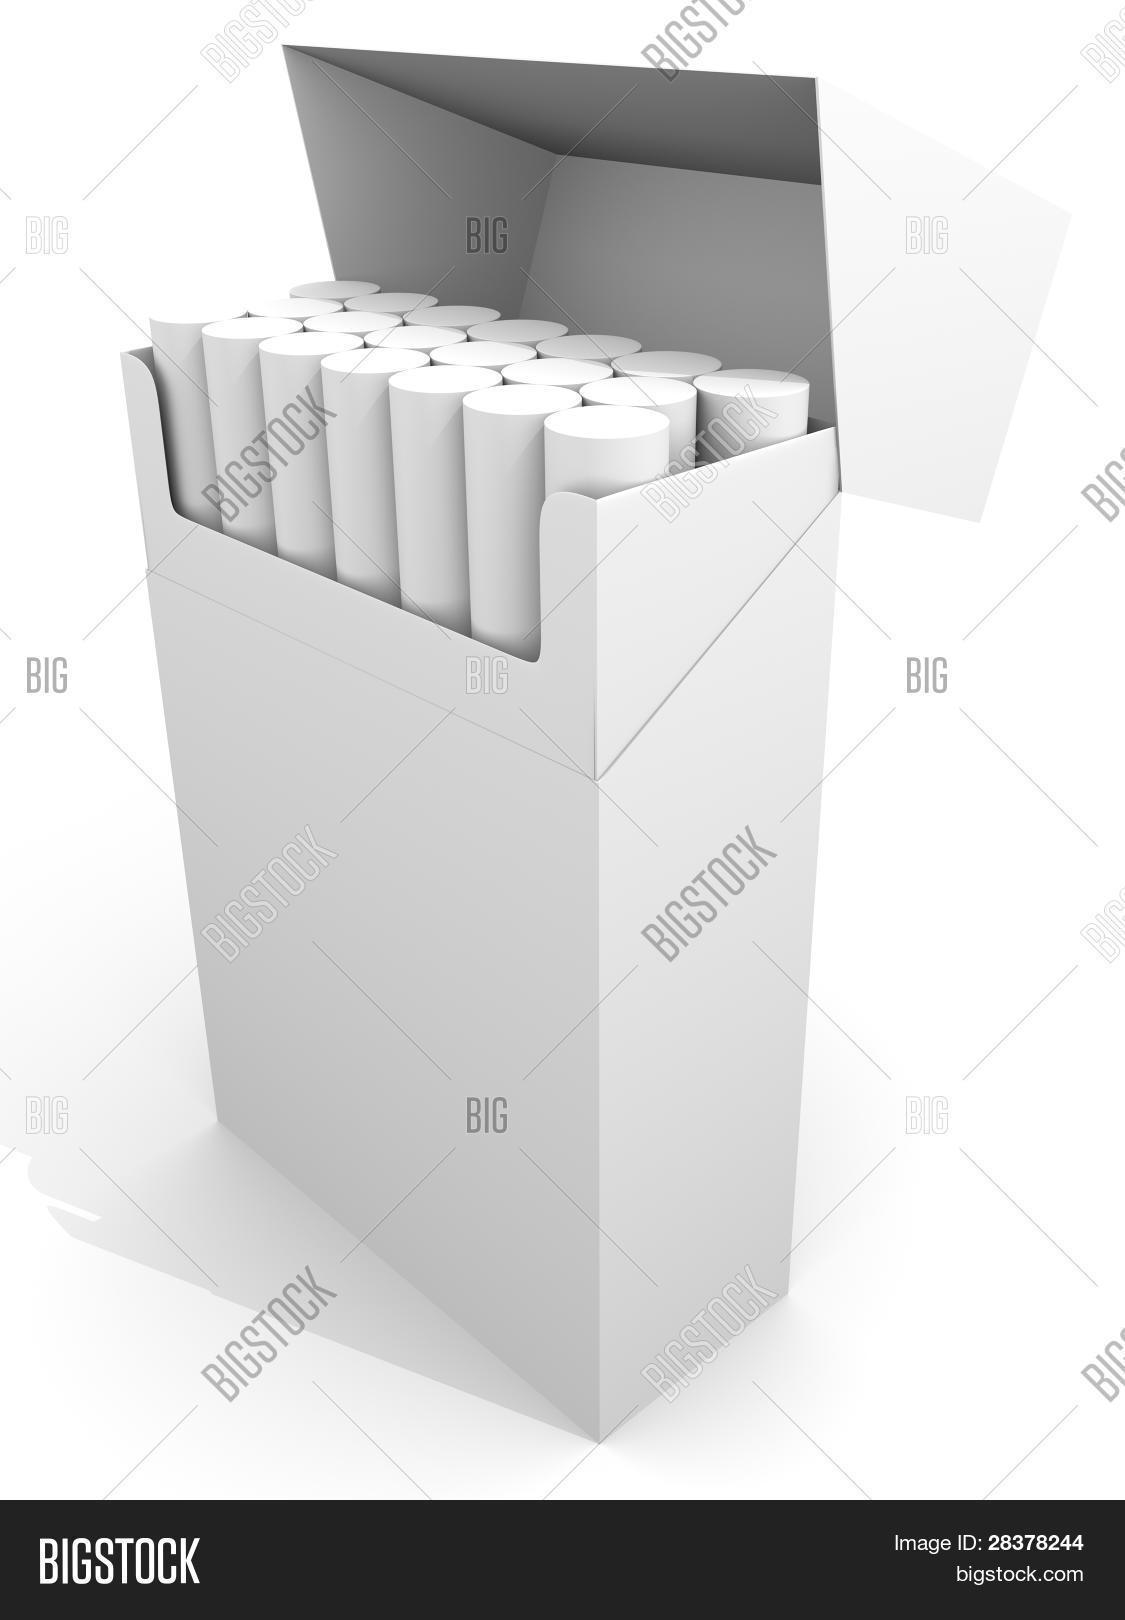 Cigarettes Box Image & Photo (Free Trial) | Bigstock